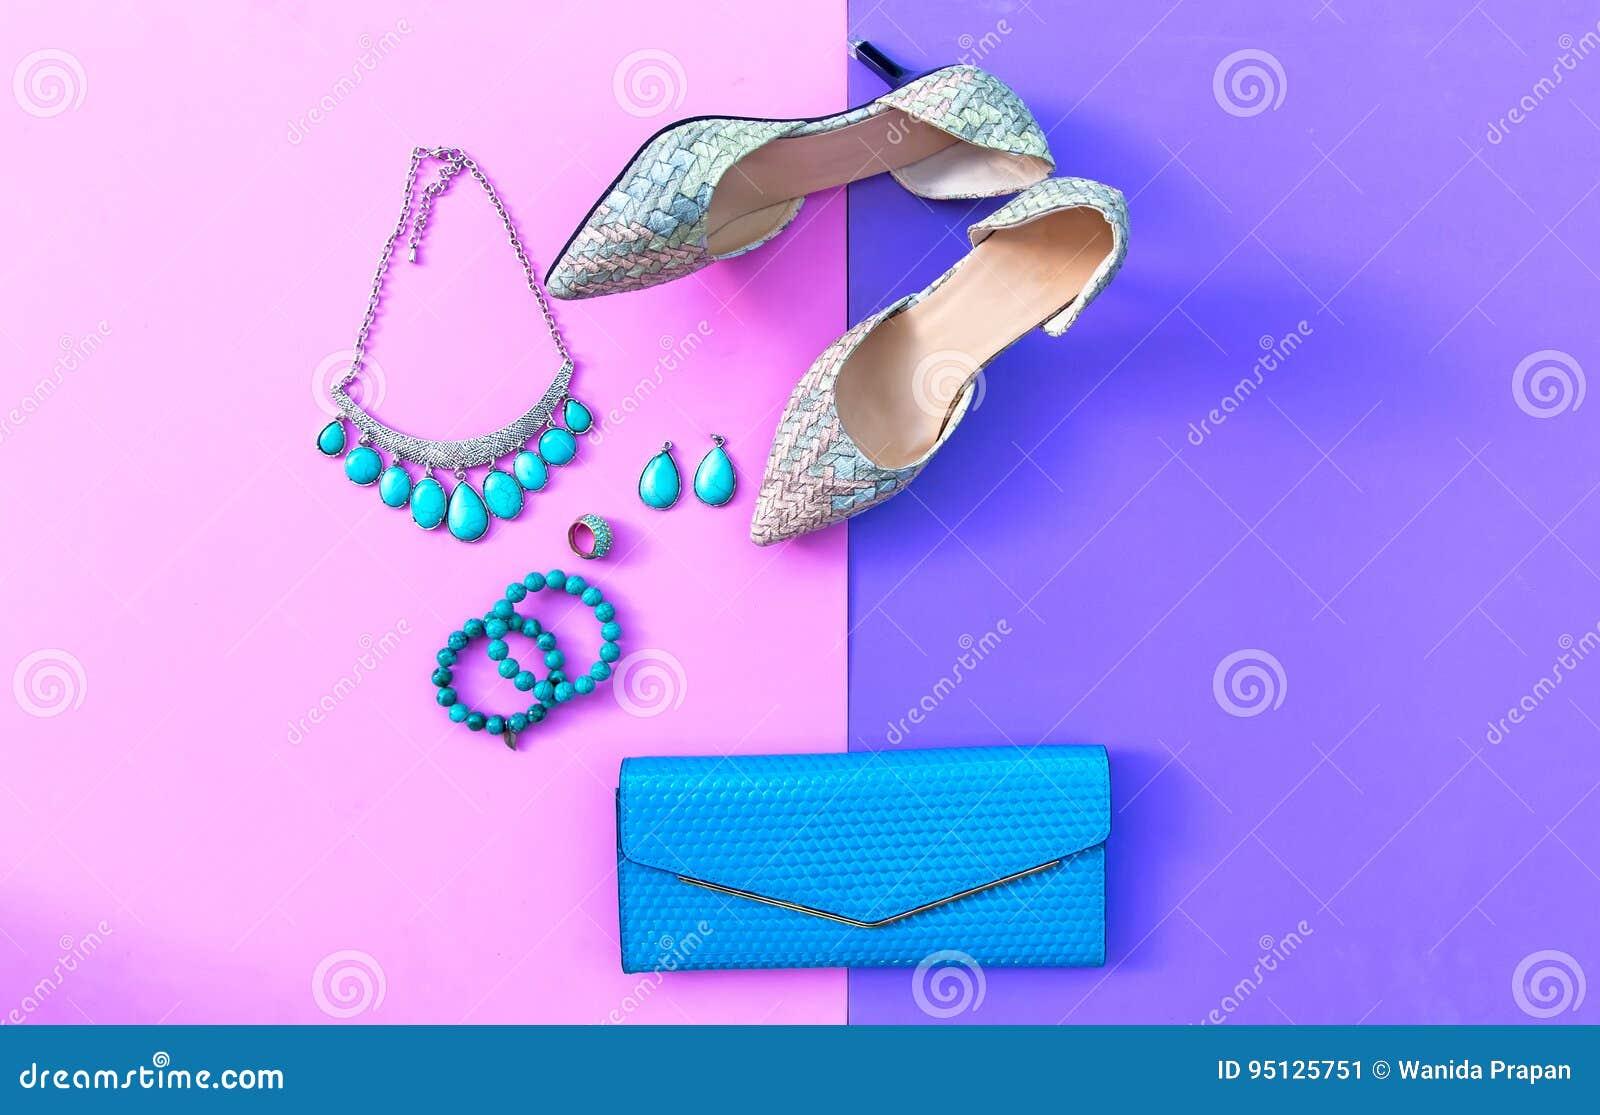 39d1a6ee6a Εξαρτήματα γυναικών μόδας καθορισμένα Καθιερώνοντα τη μόδα τακούνια  παπουτσιών μόδας